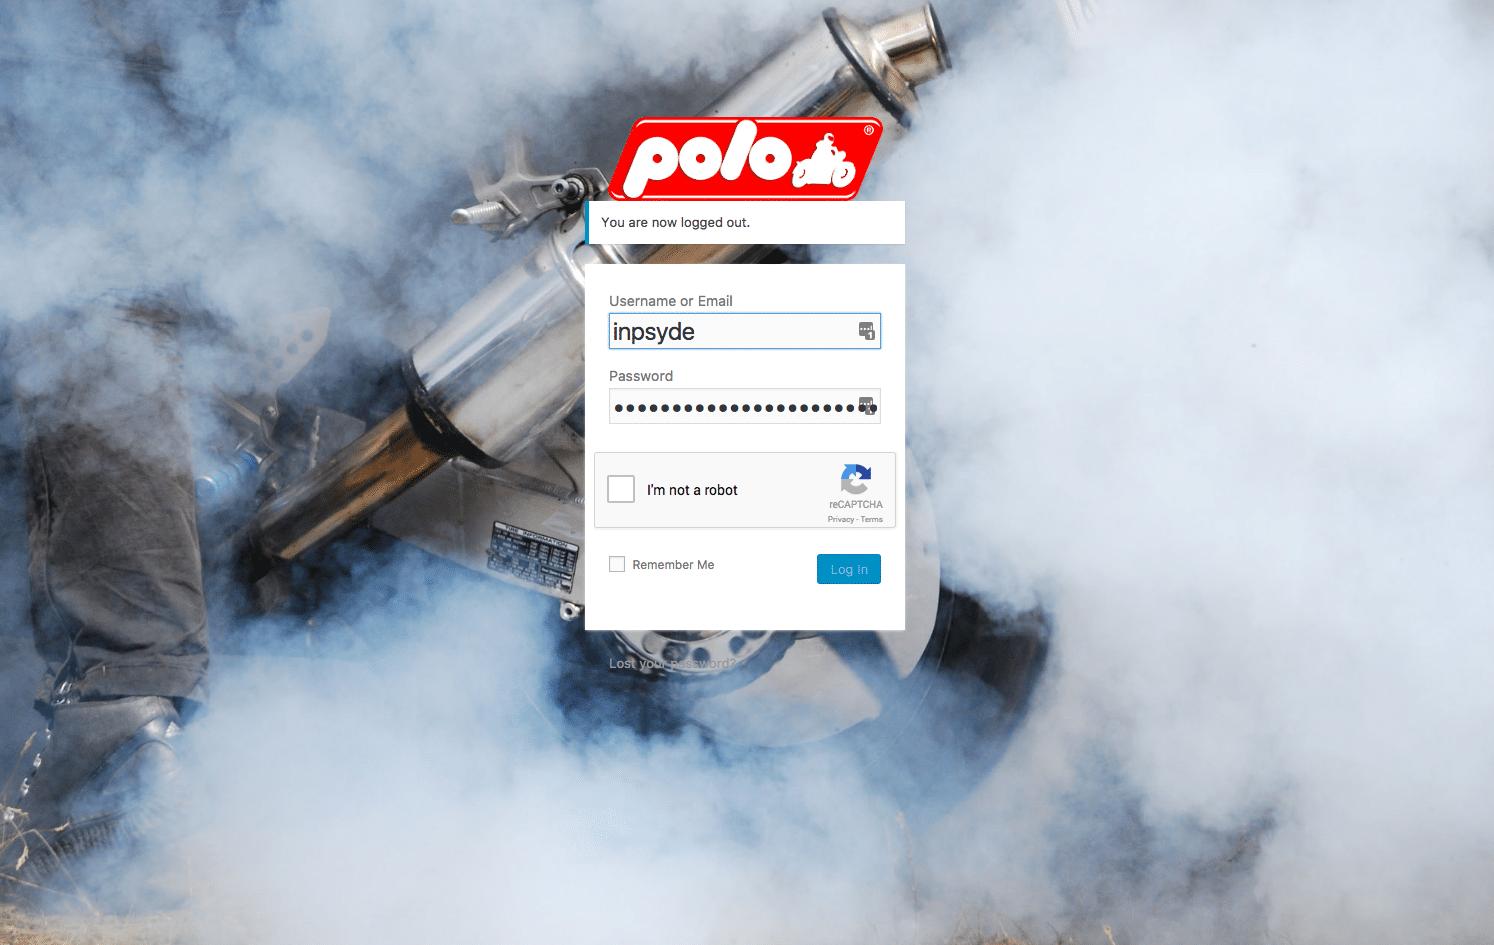 Webprojekt passwortgeschütztes Portal, durchgeführt von der WordPress Agentur Inpsyde.